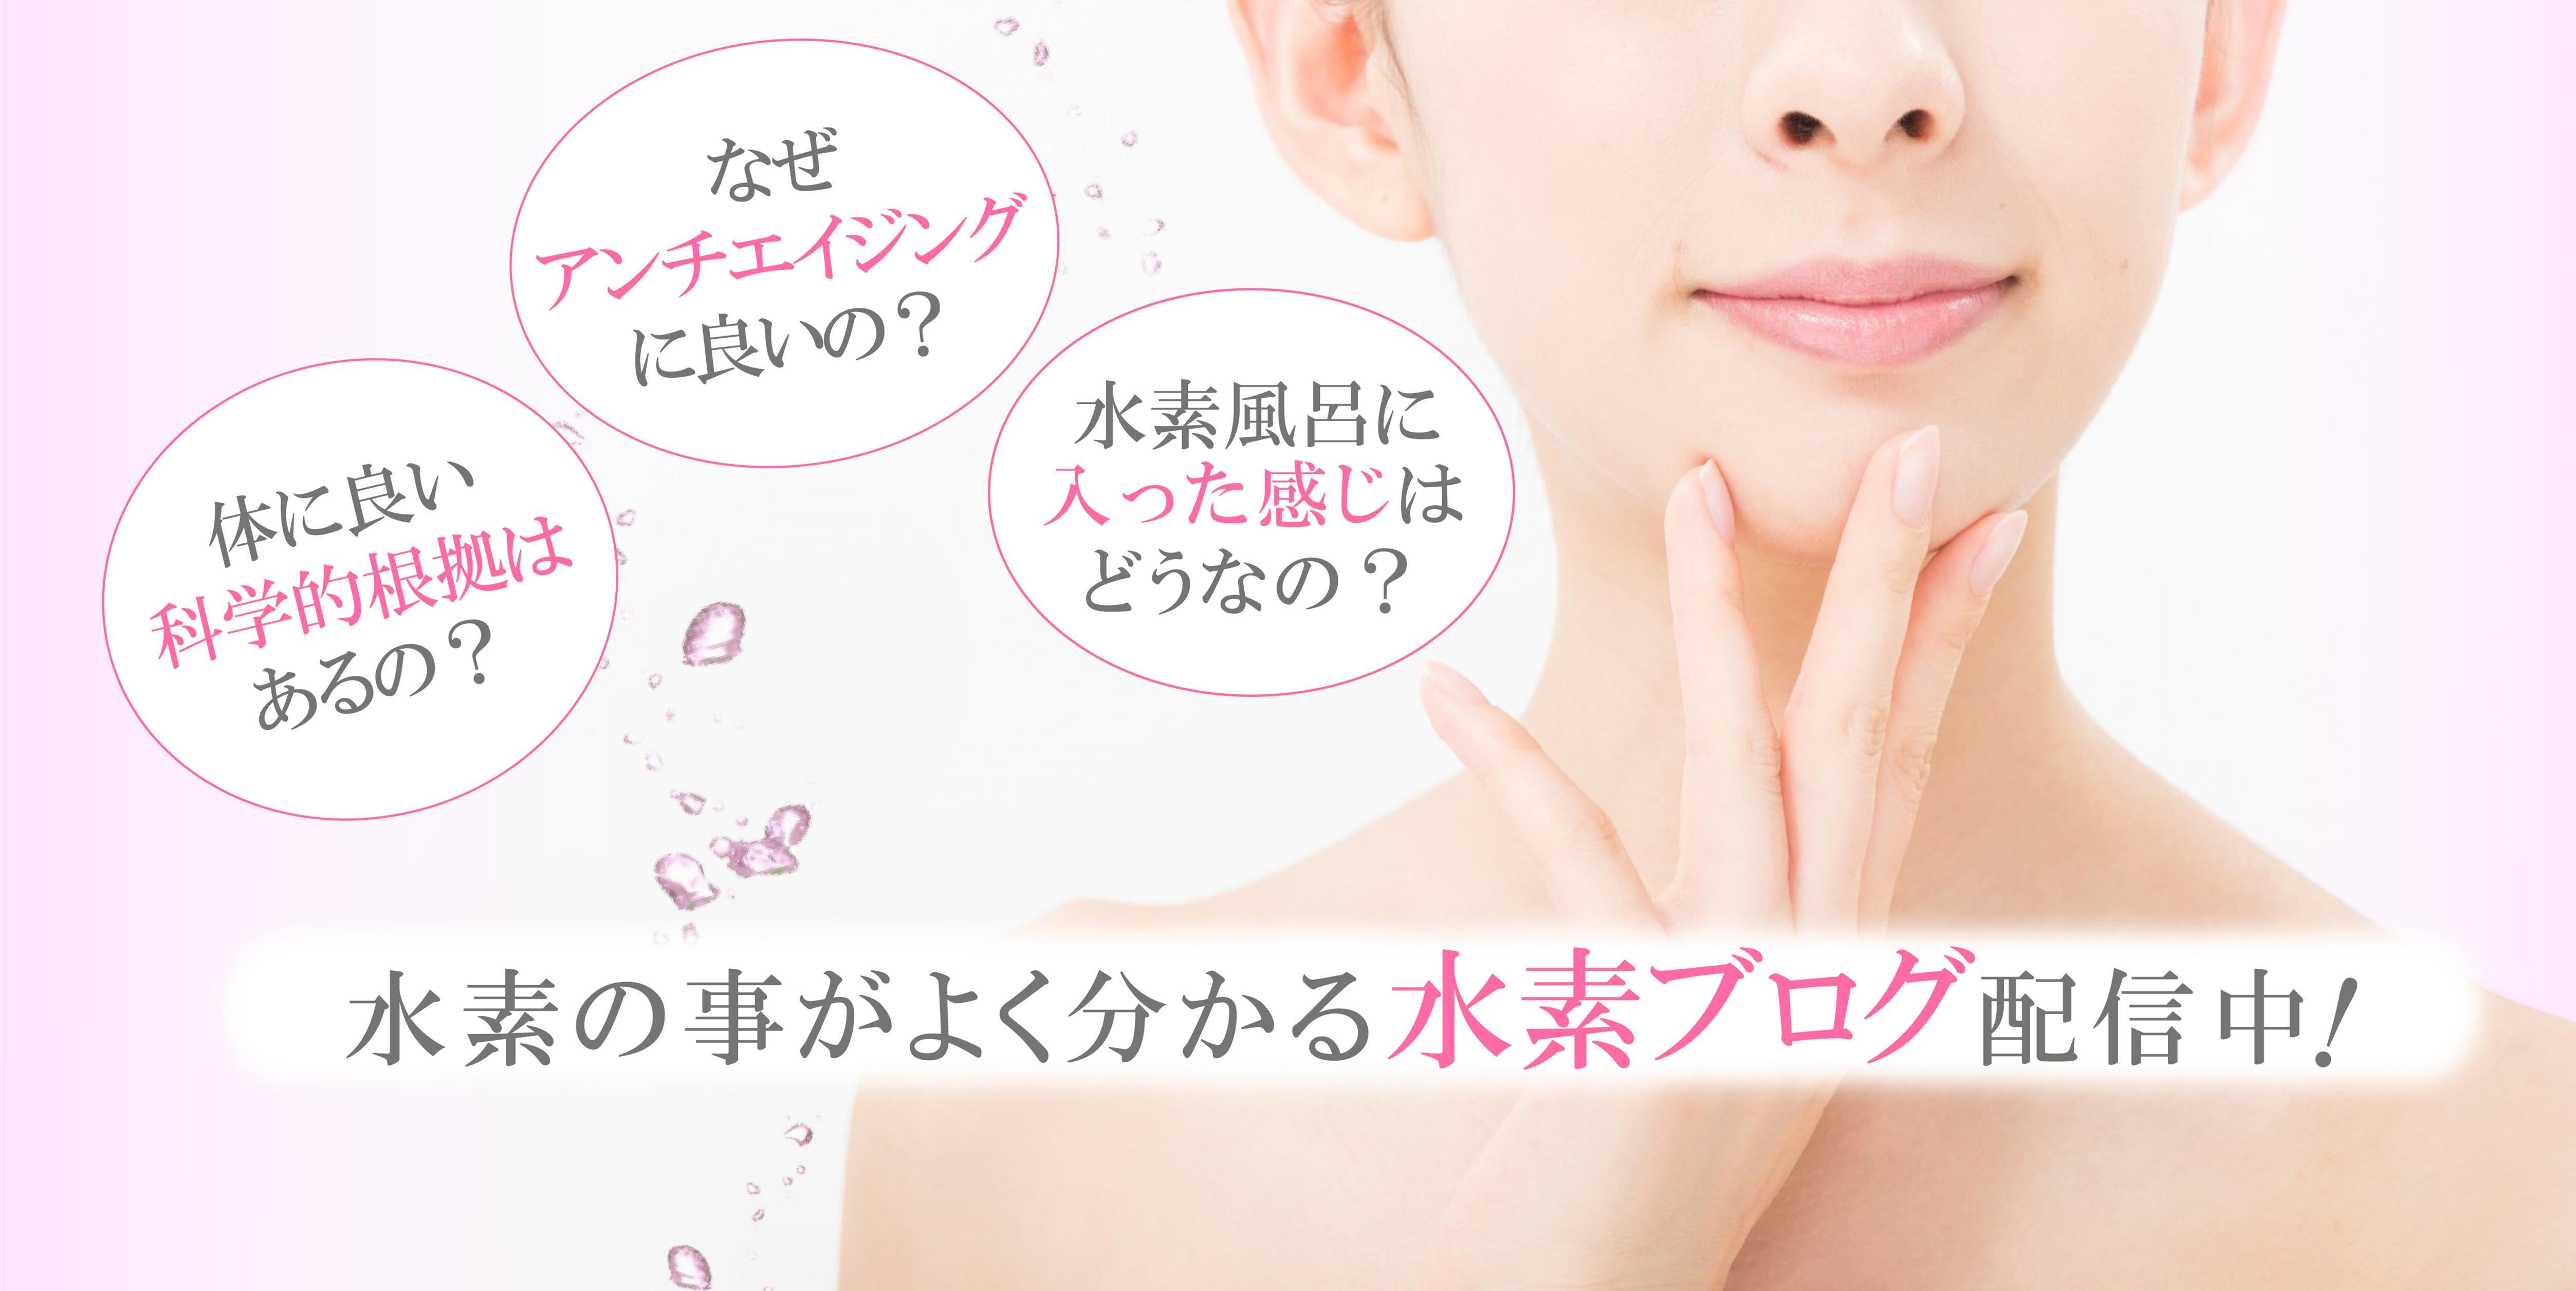 水素風呂リタライフに関する情報をブログで配信中